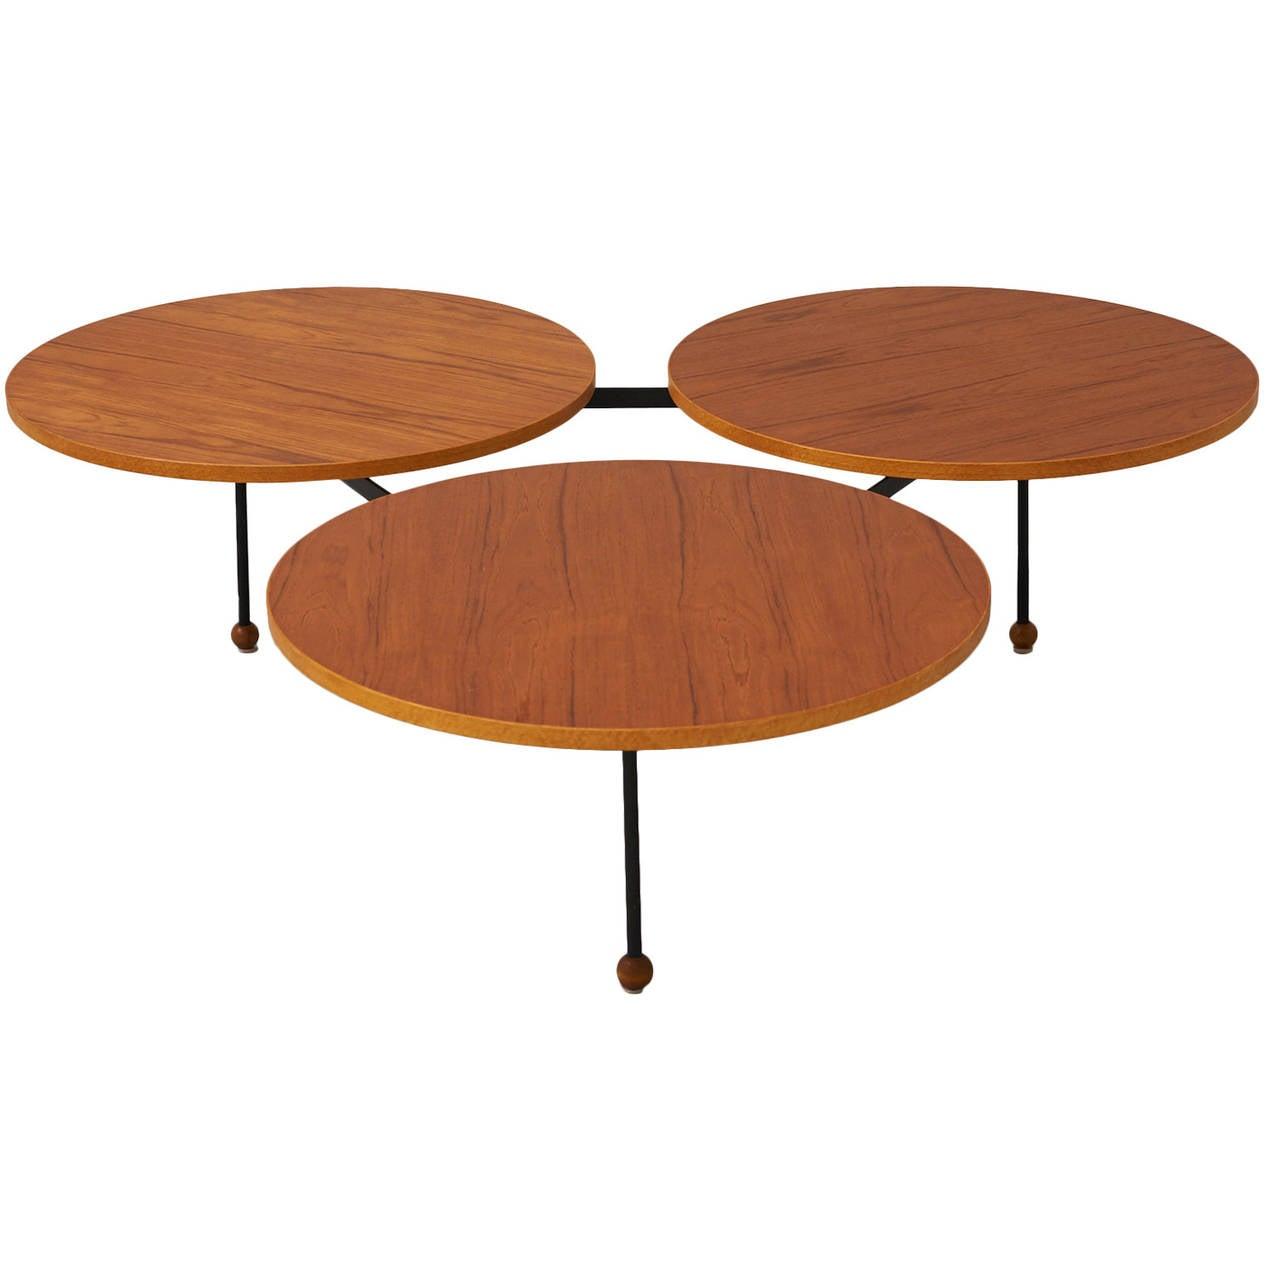 Greta grossman saucer table for sale at 1stdibs greta grossman saucer table 1 geotapseo Gallery